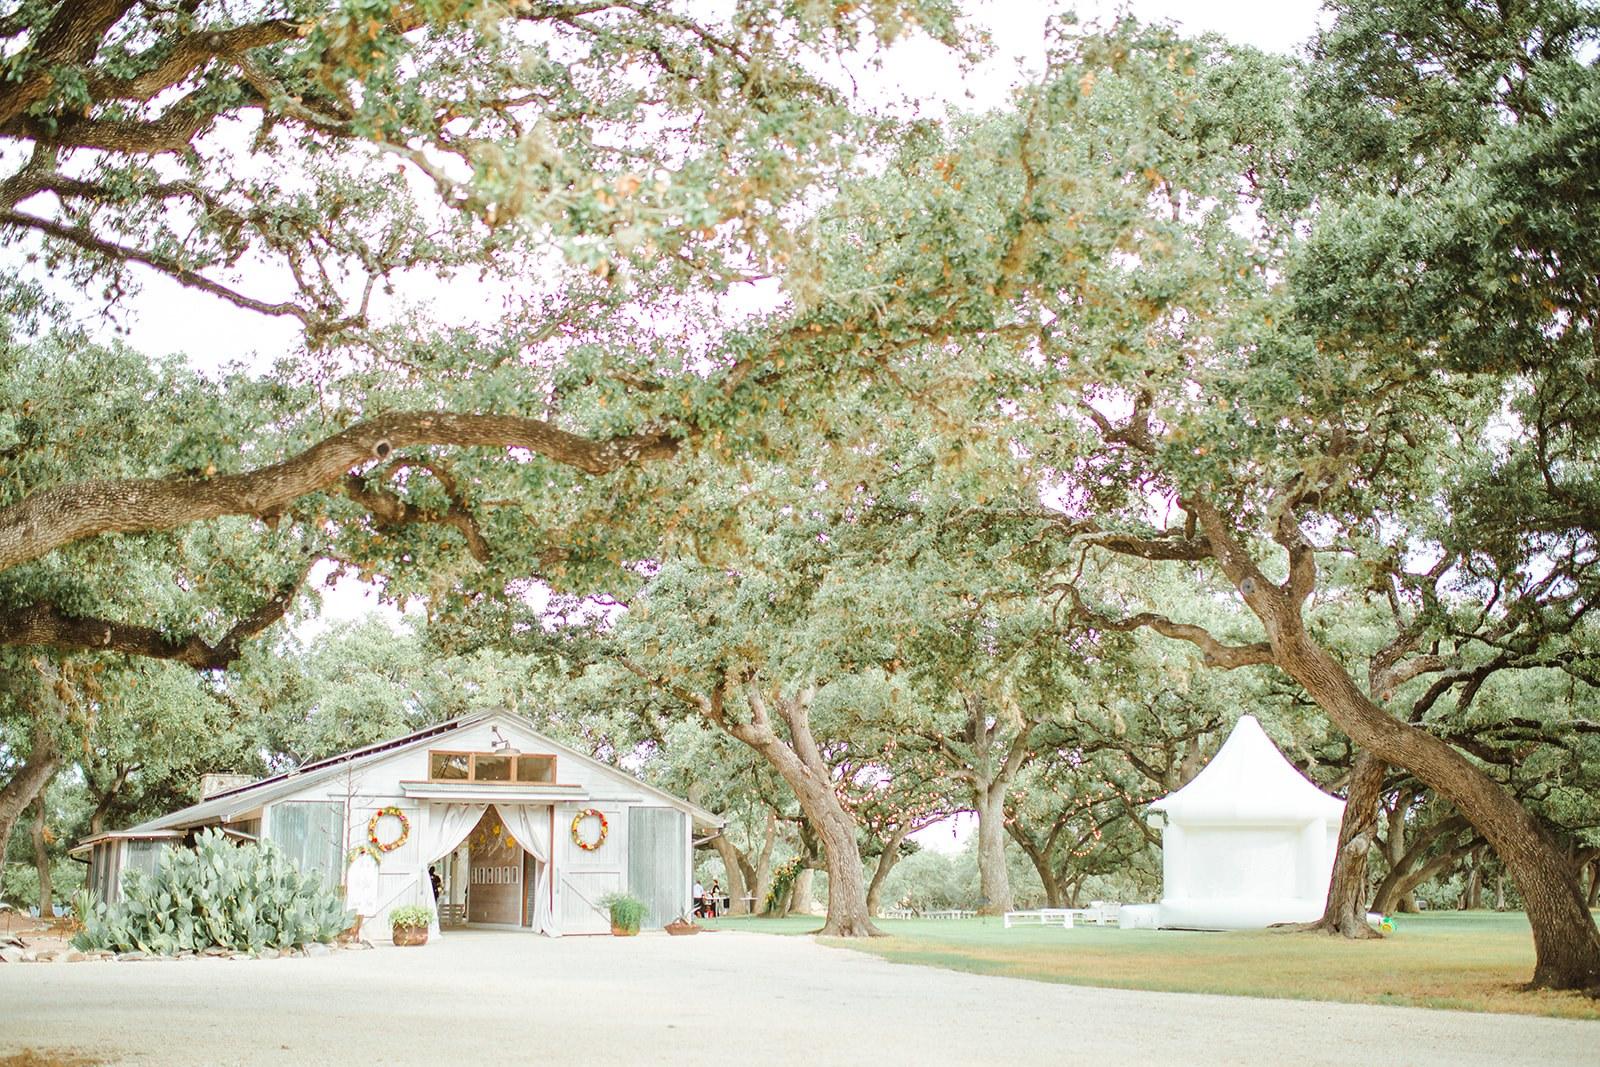 Amazing Wedding Venue In San Antonio-The Oaks at Boerne